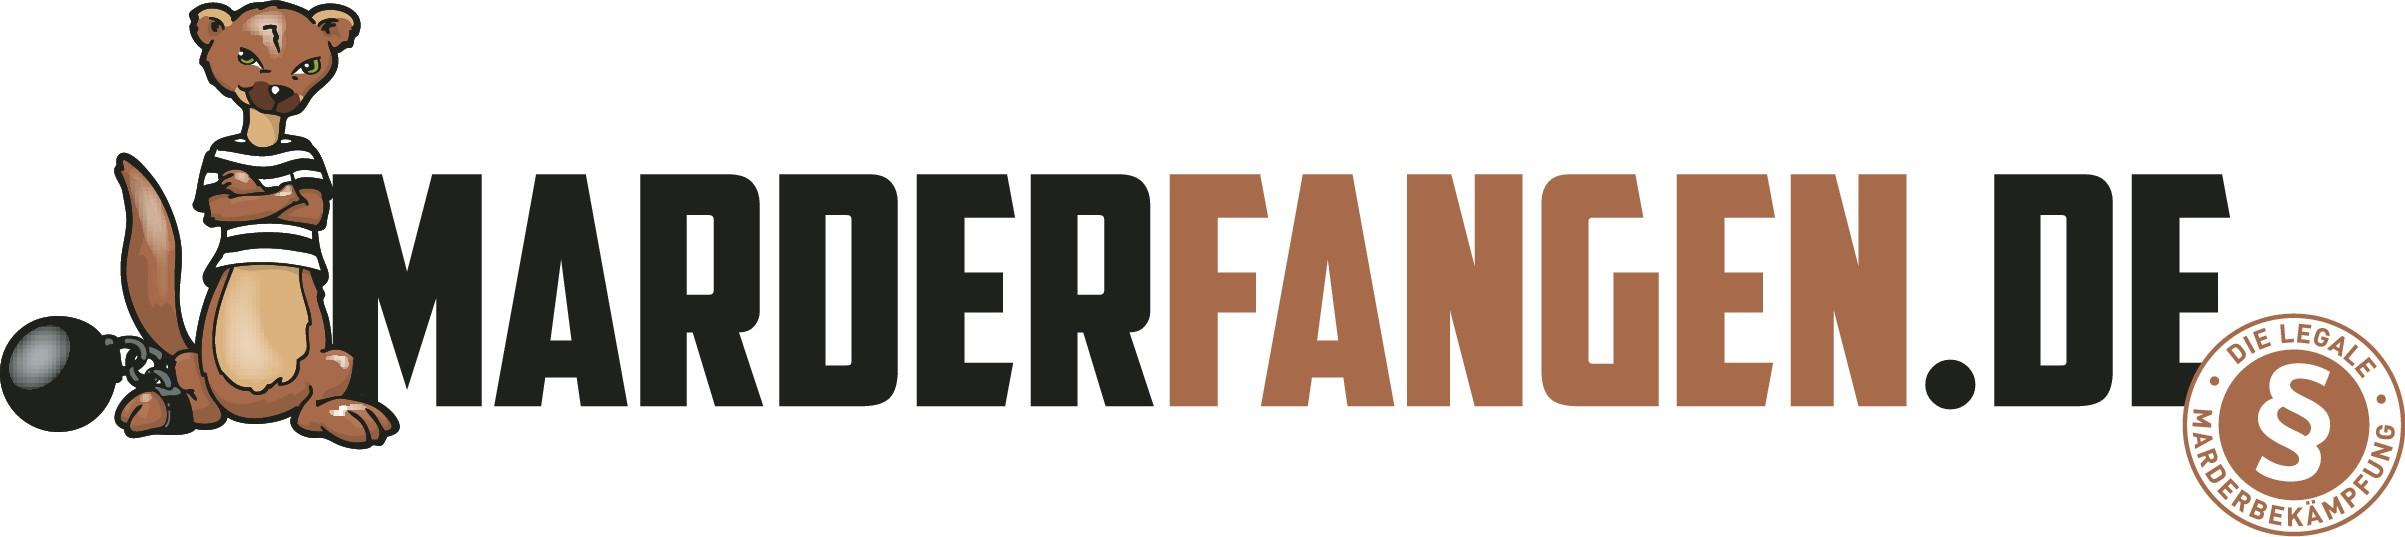 Kreative Designer für Marder Logo gesucht - kreativ austoben erlaubt!